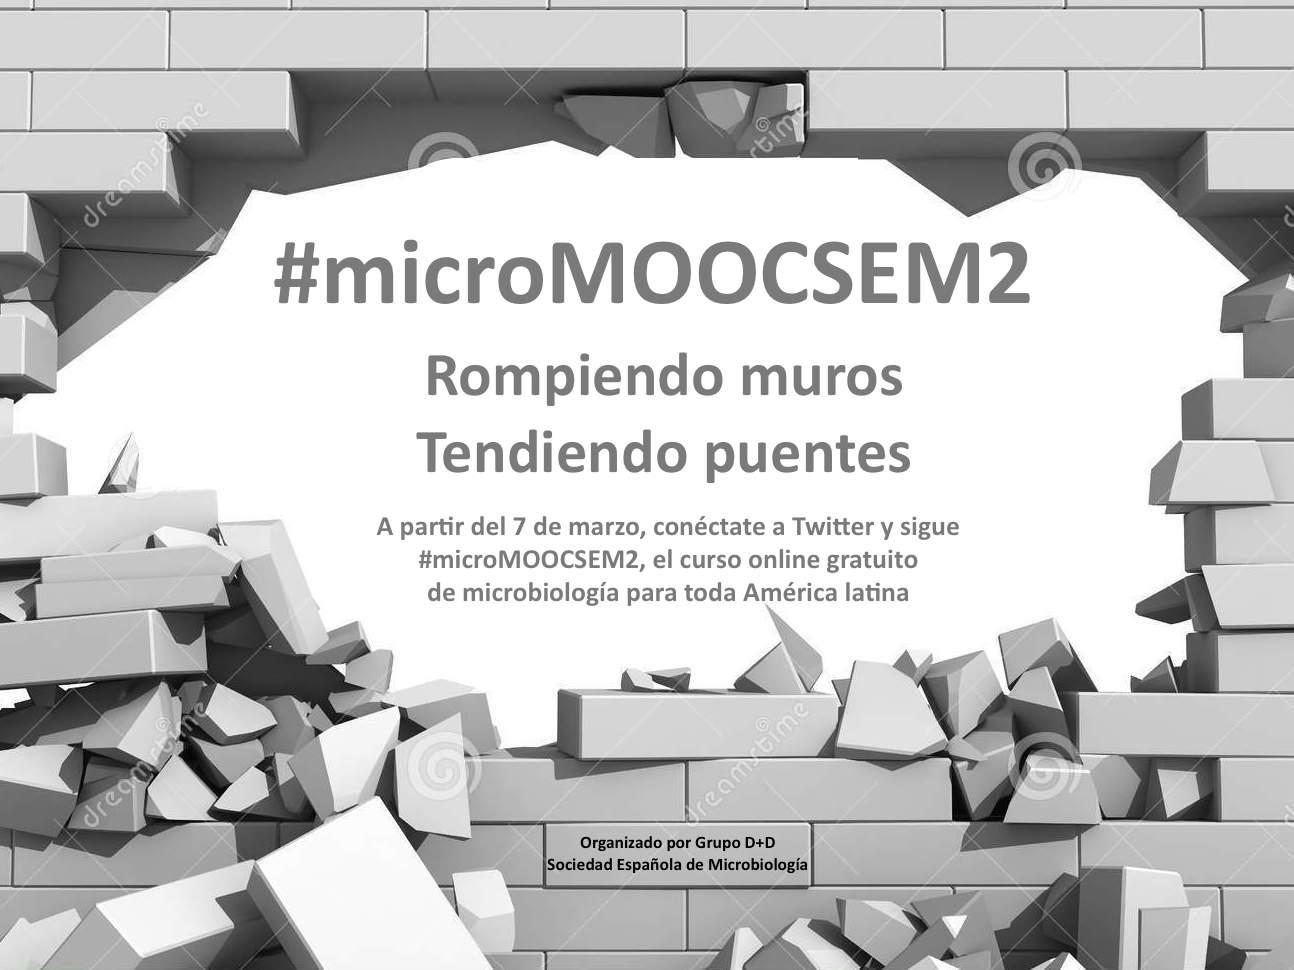 Comienza #microMOOCSEM2 el curso de microbiología vía Twitter y Facebook para España y toda América latina https://t.co/YyoV2xvuiL